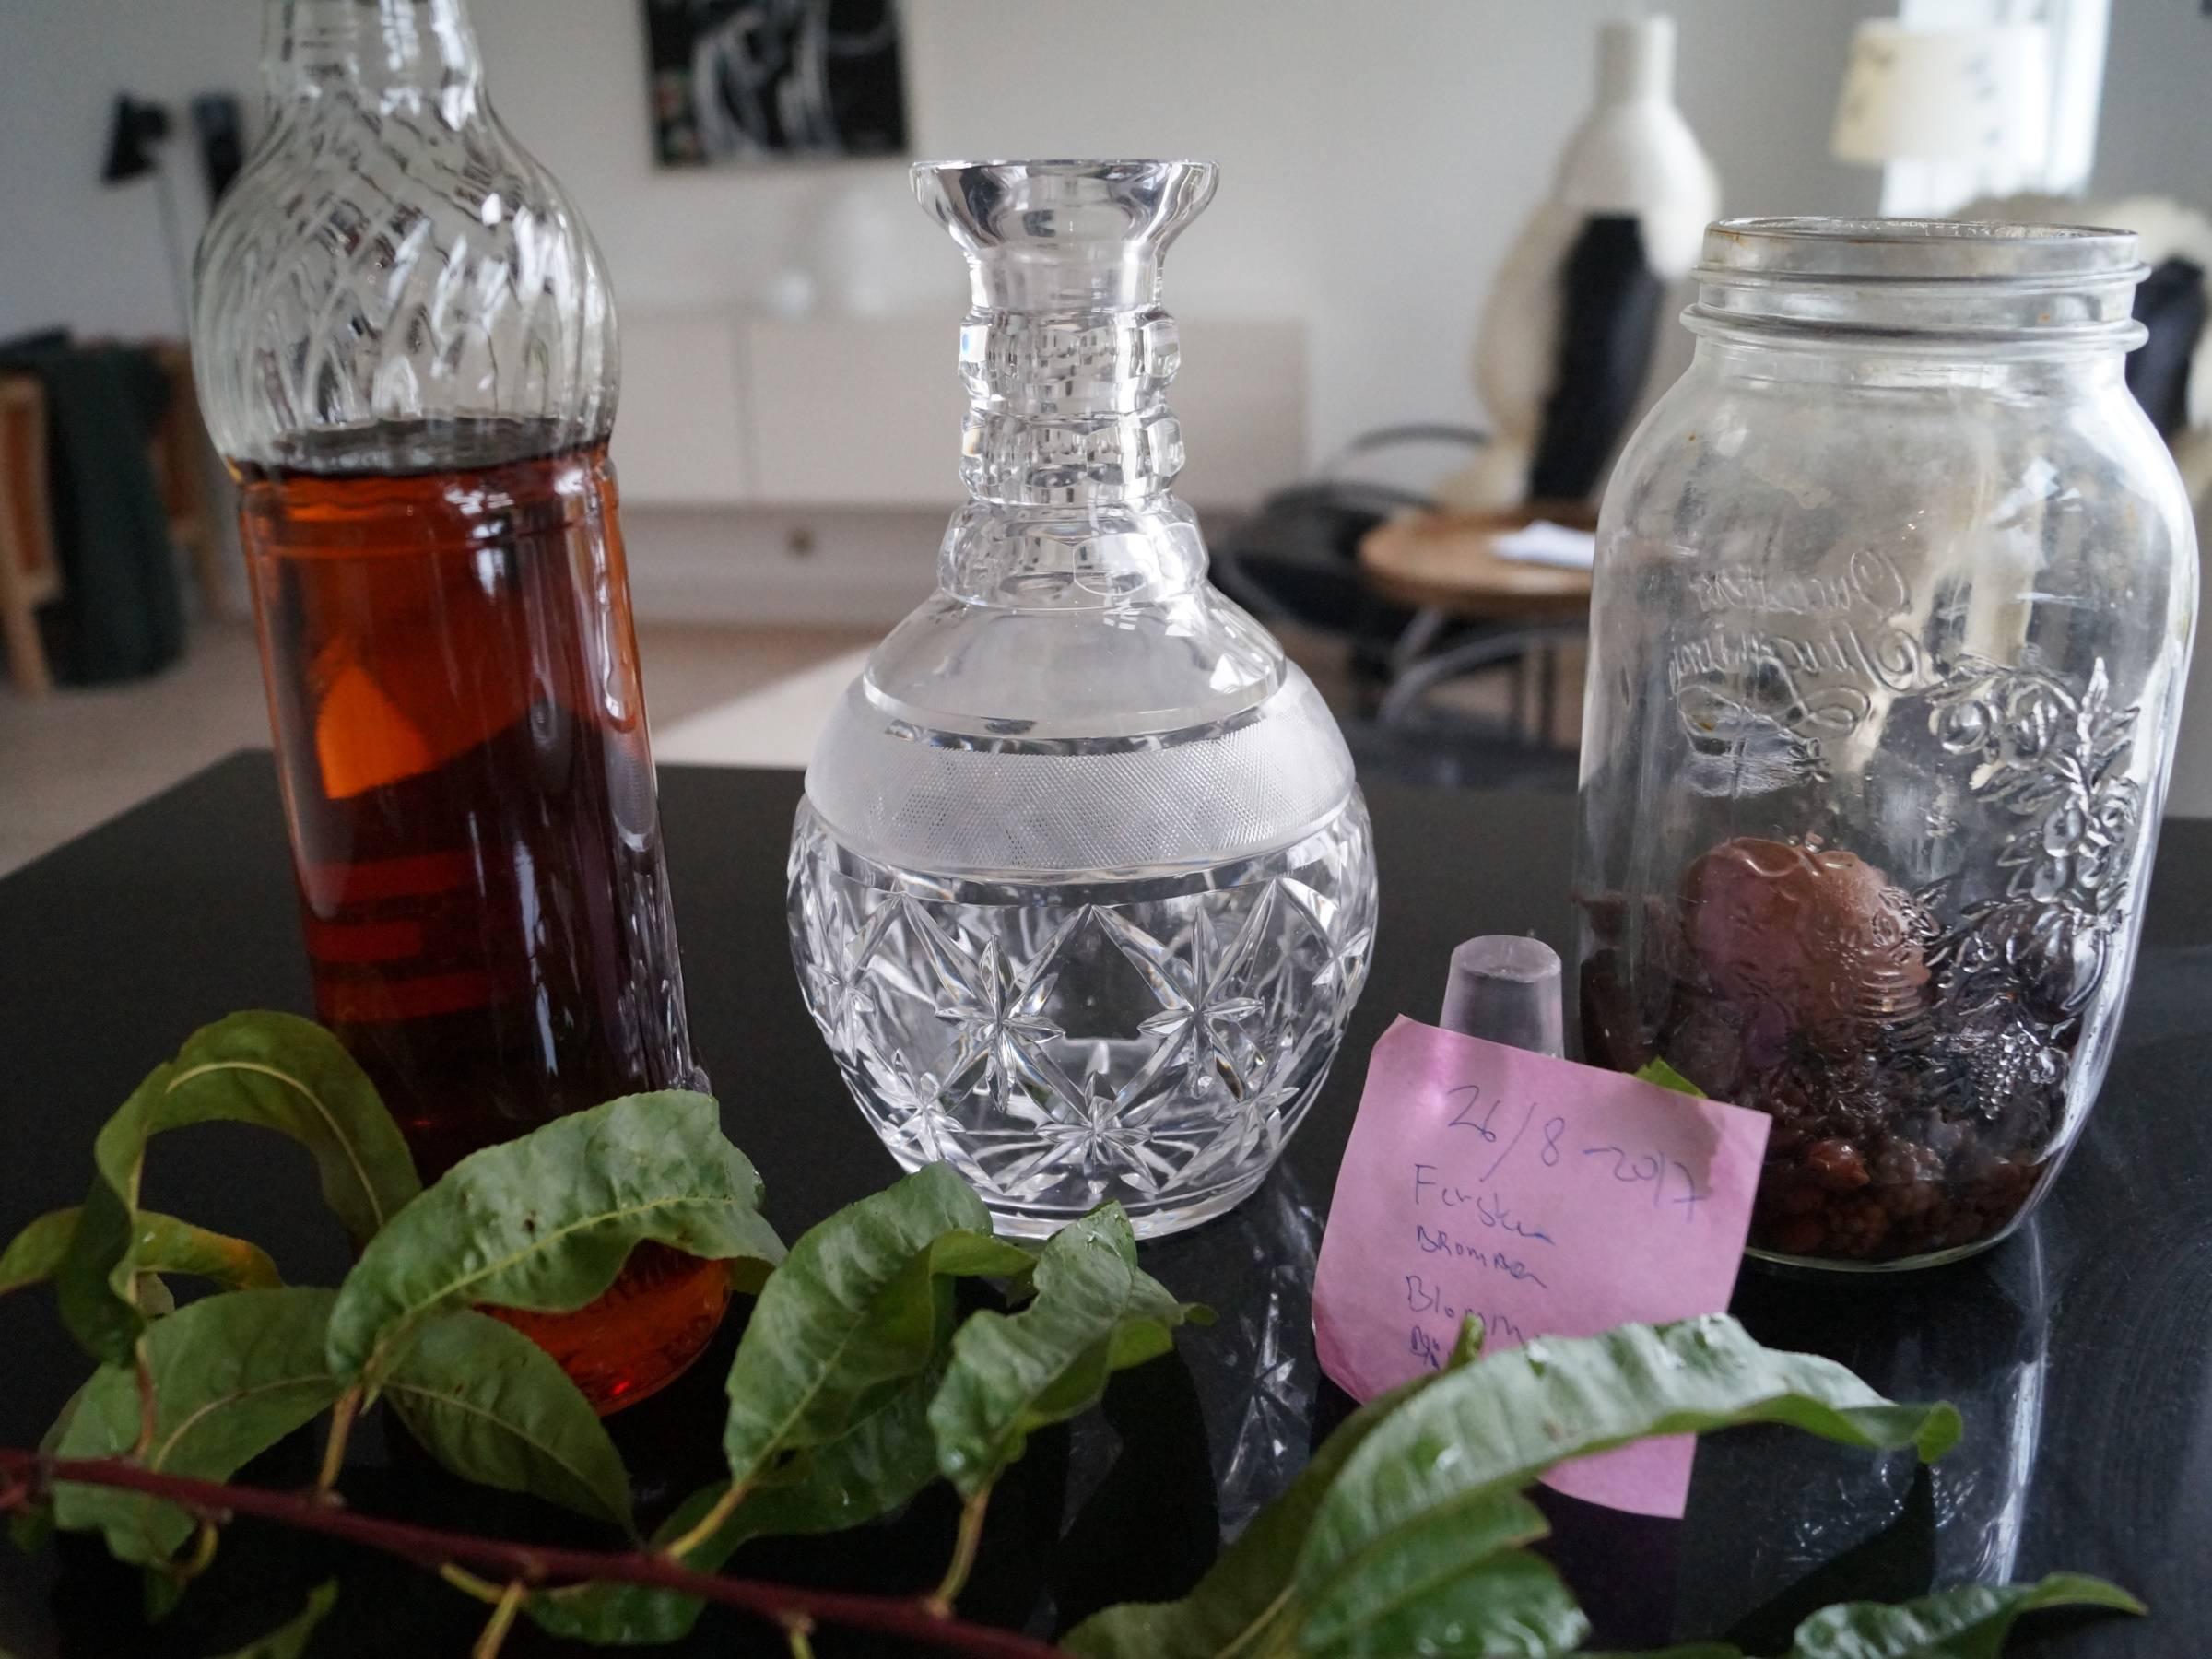 Hjemmelavet frugtsnaps klar til at blive filtreret